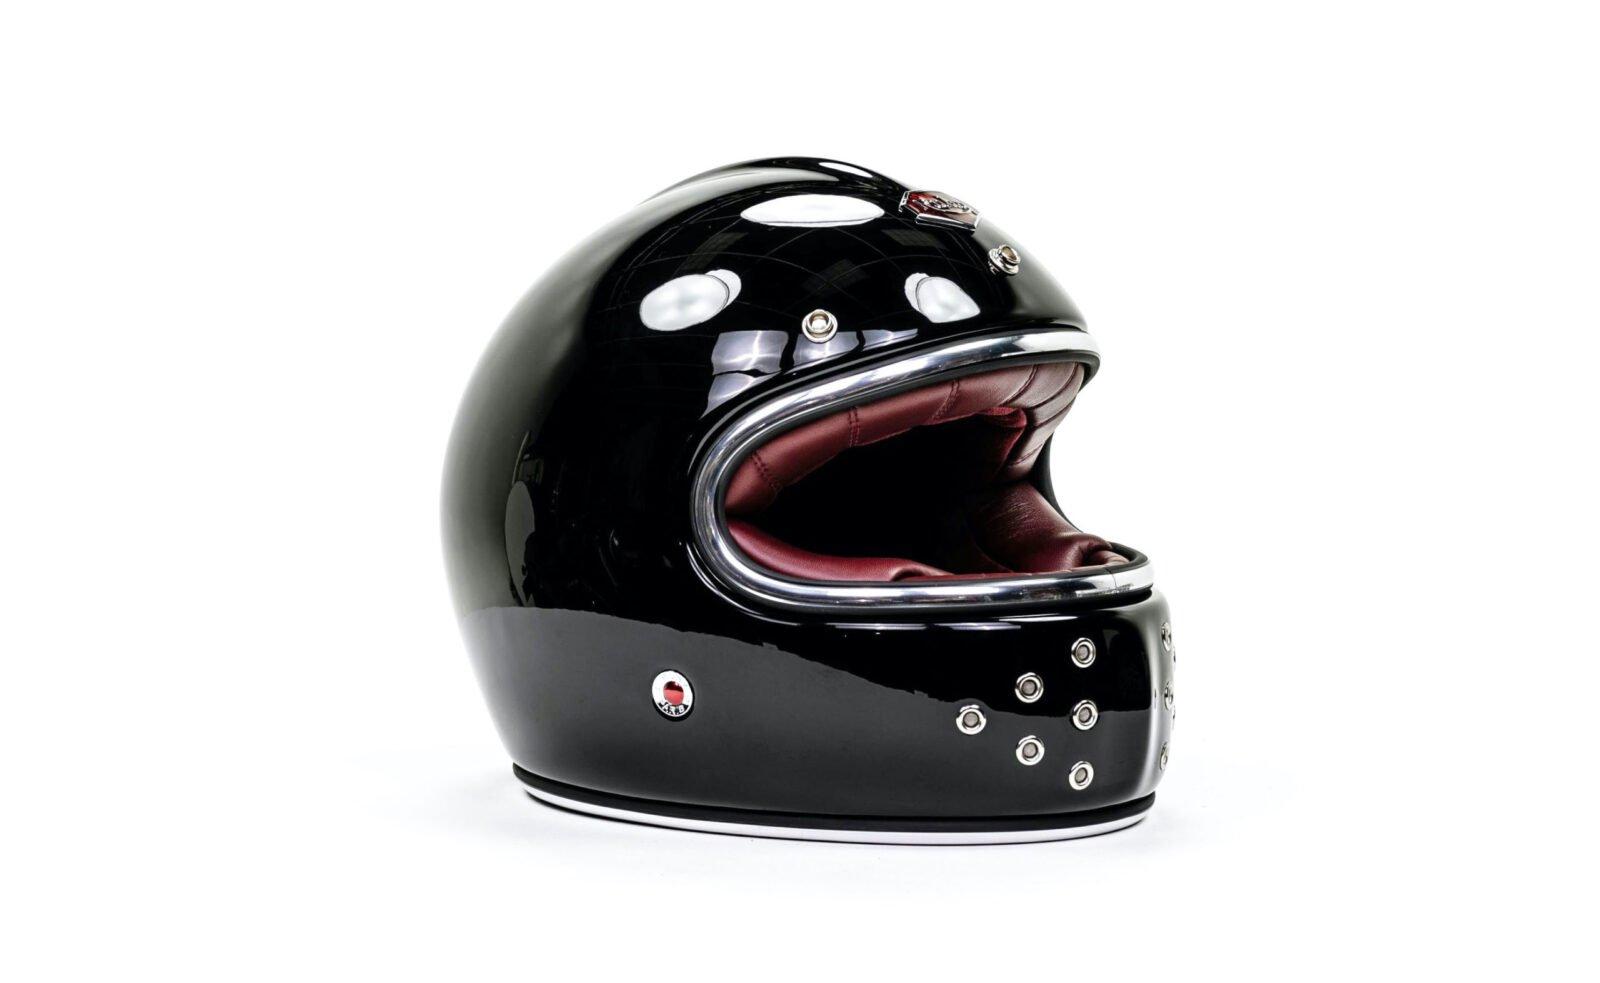 Ruby Castel St Germain Helmet